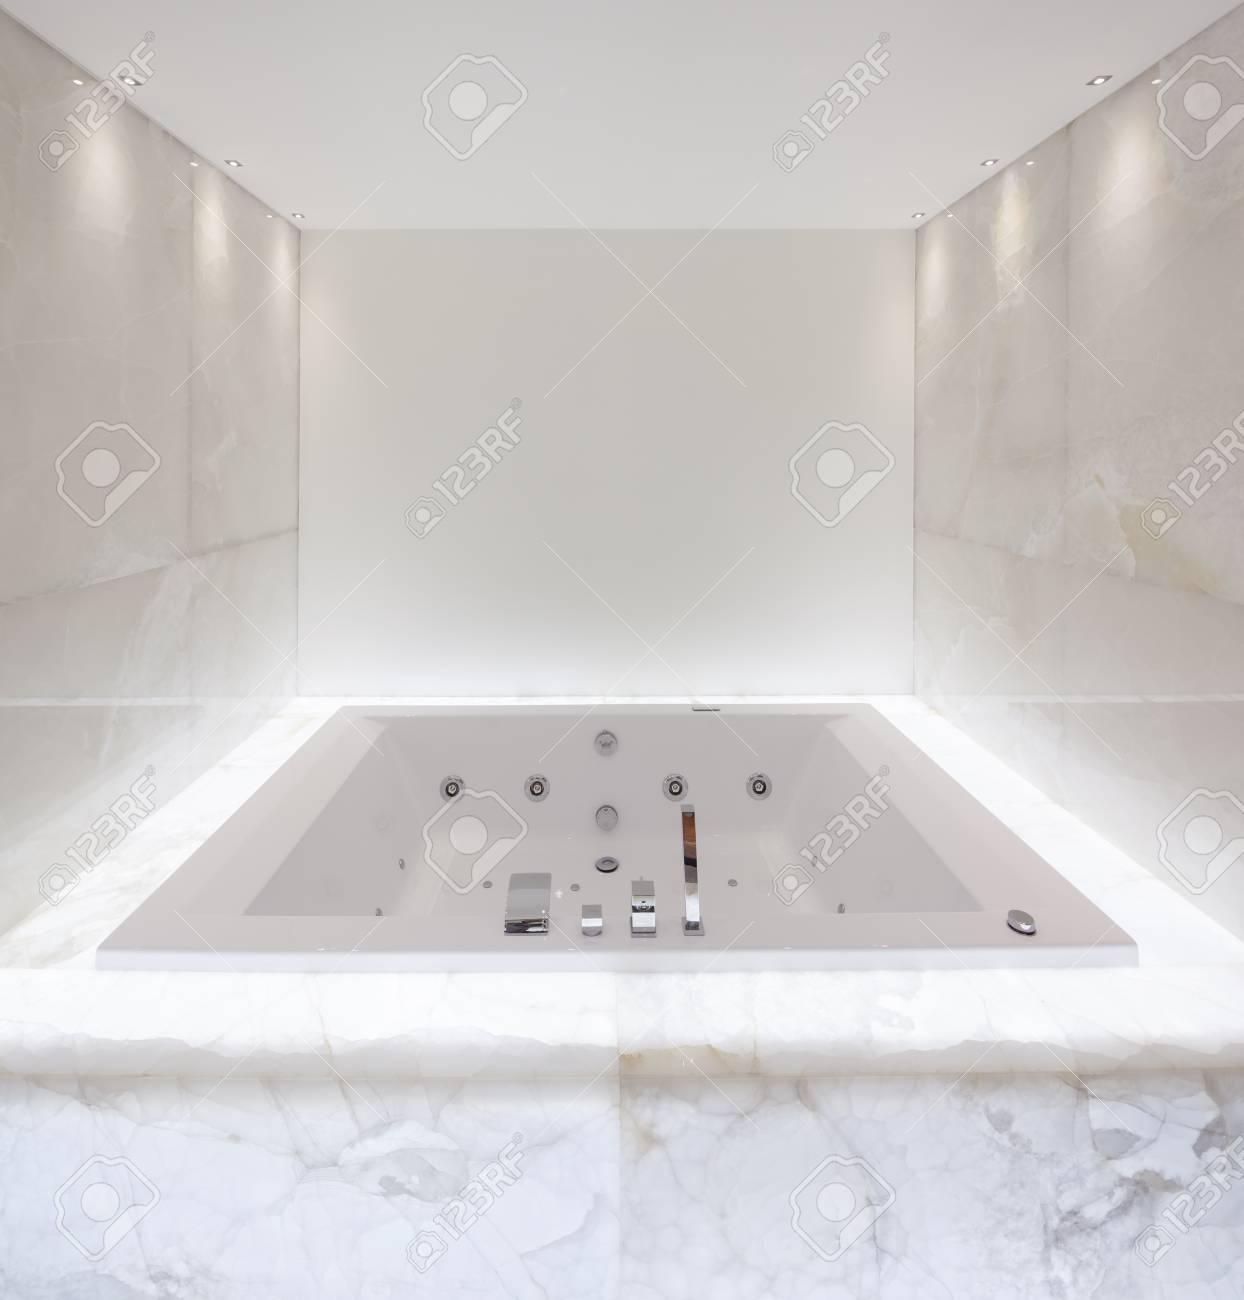 Grande Baignoire Dans La Salle De Bain Marbre Allumé Banque D\'Images ...